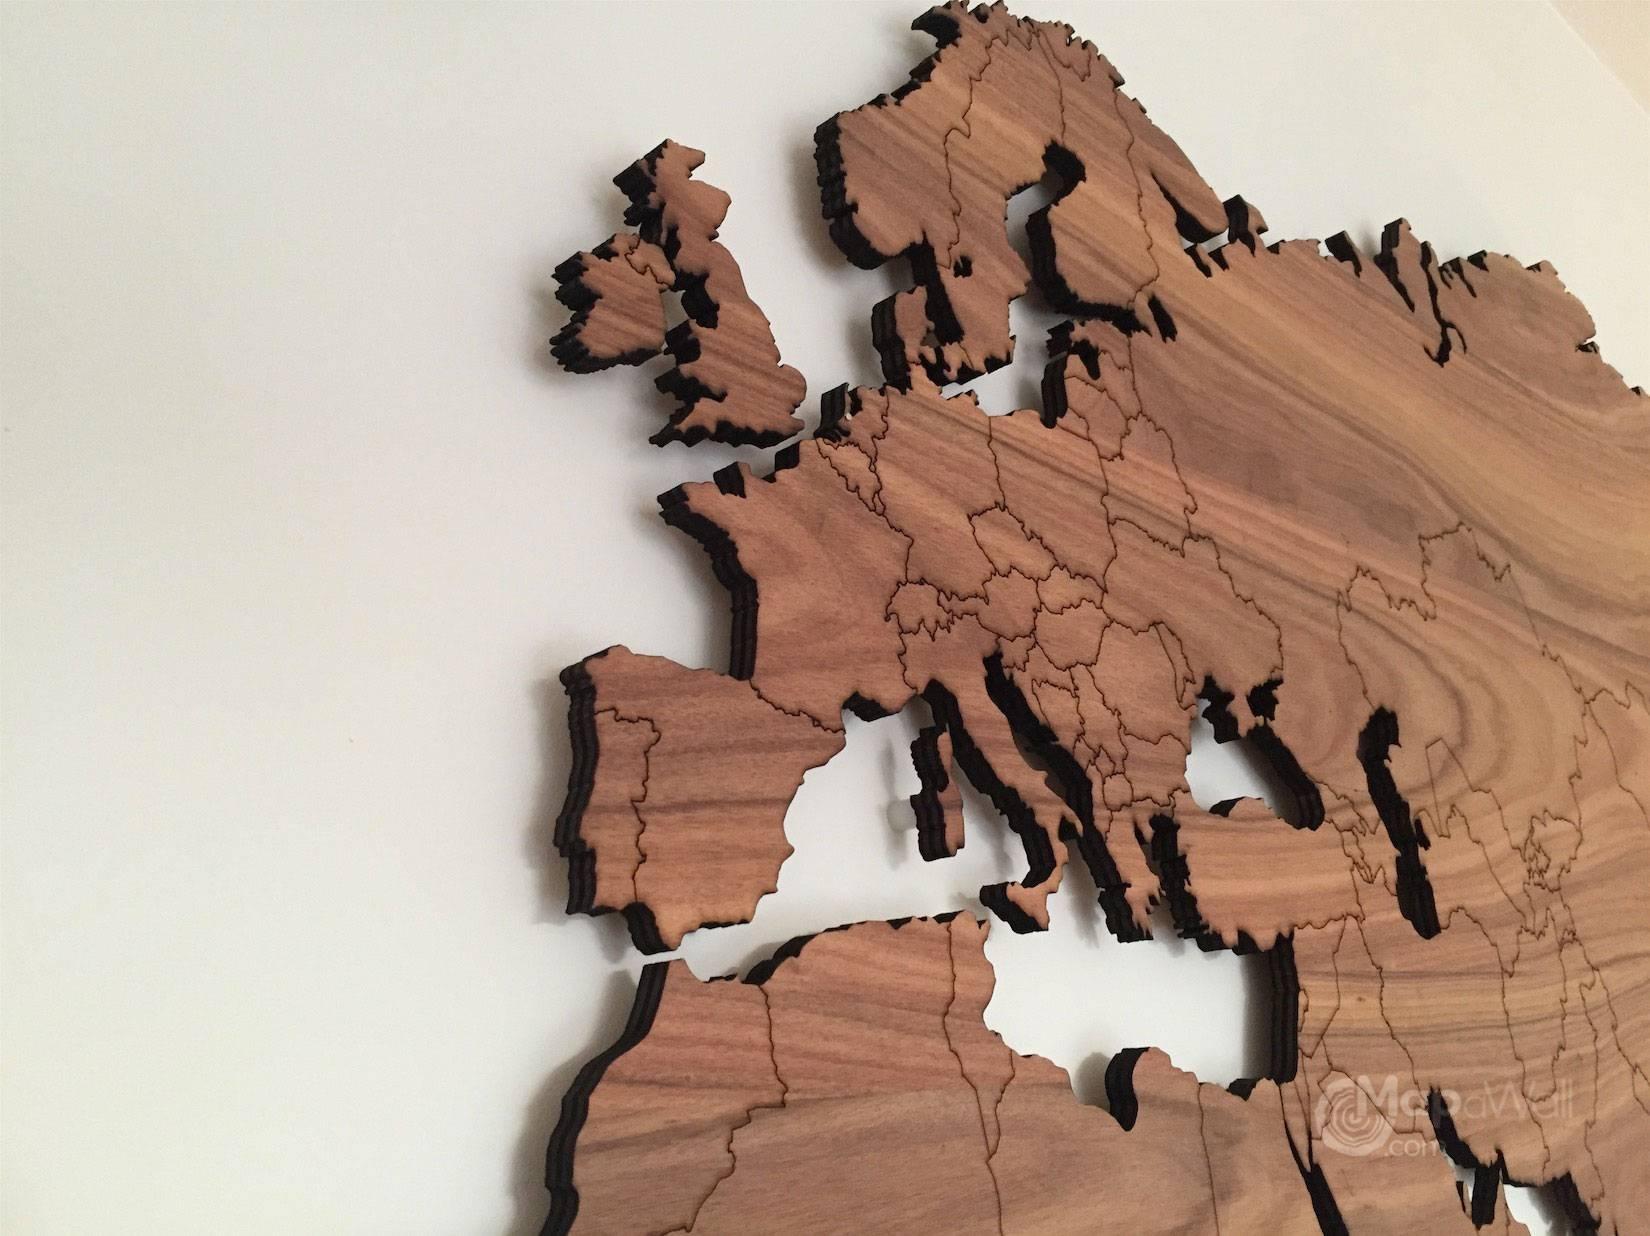 Wall Art Designs: Wooden World Map Wall Art Wooden Wall Art Map Of Pertaining To Newest World Map Wood Wall Art (View 14 of 20)